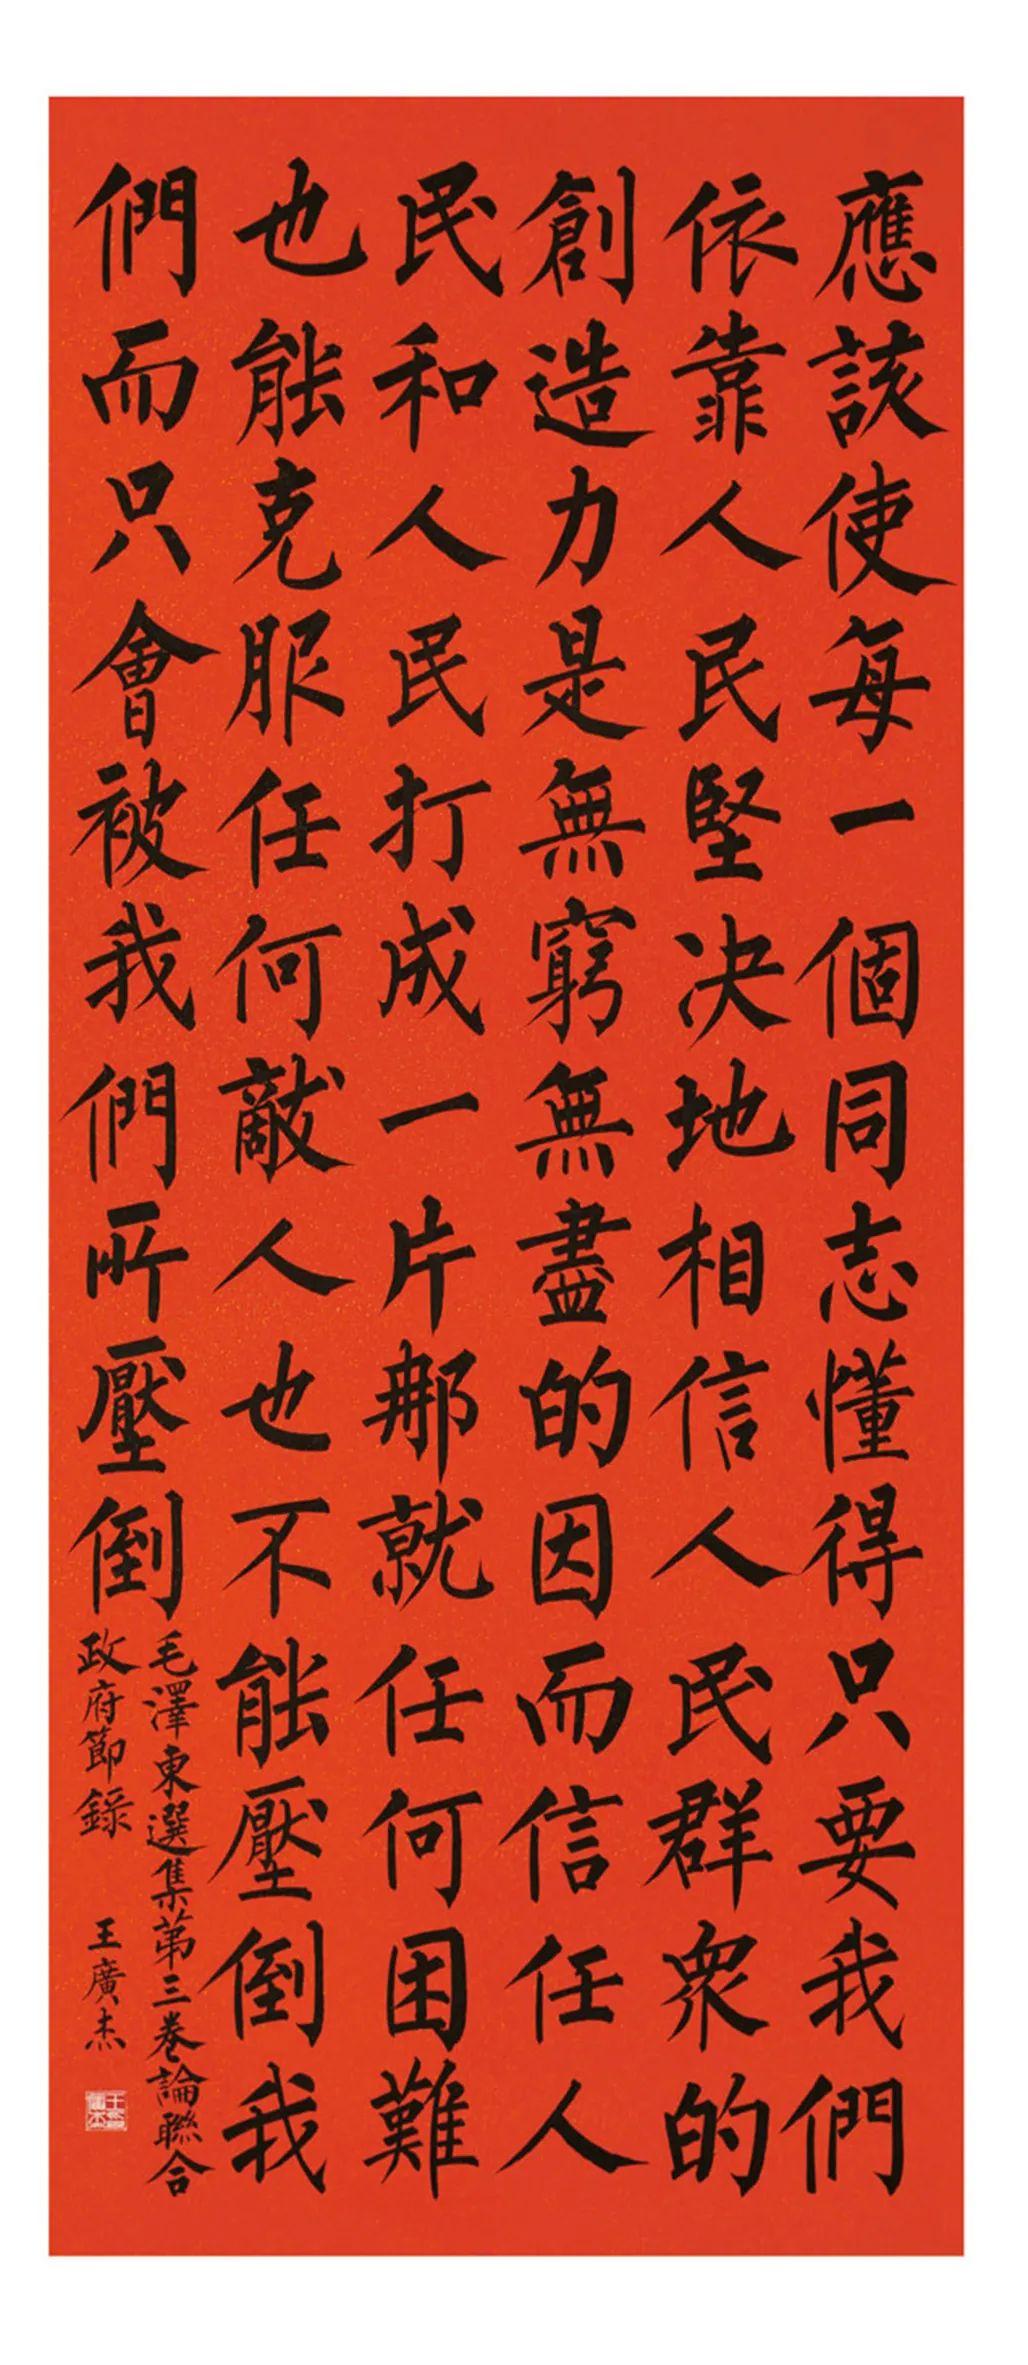 中国力量——全国扶贫书法大展作品 | 第一篇章 :人民至上(图11)